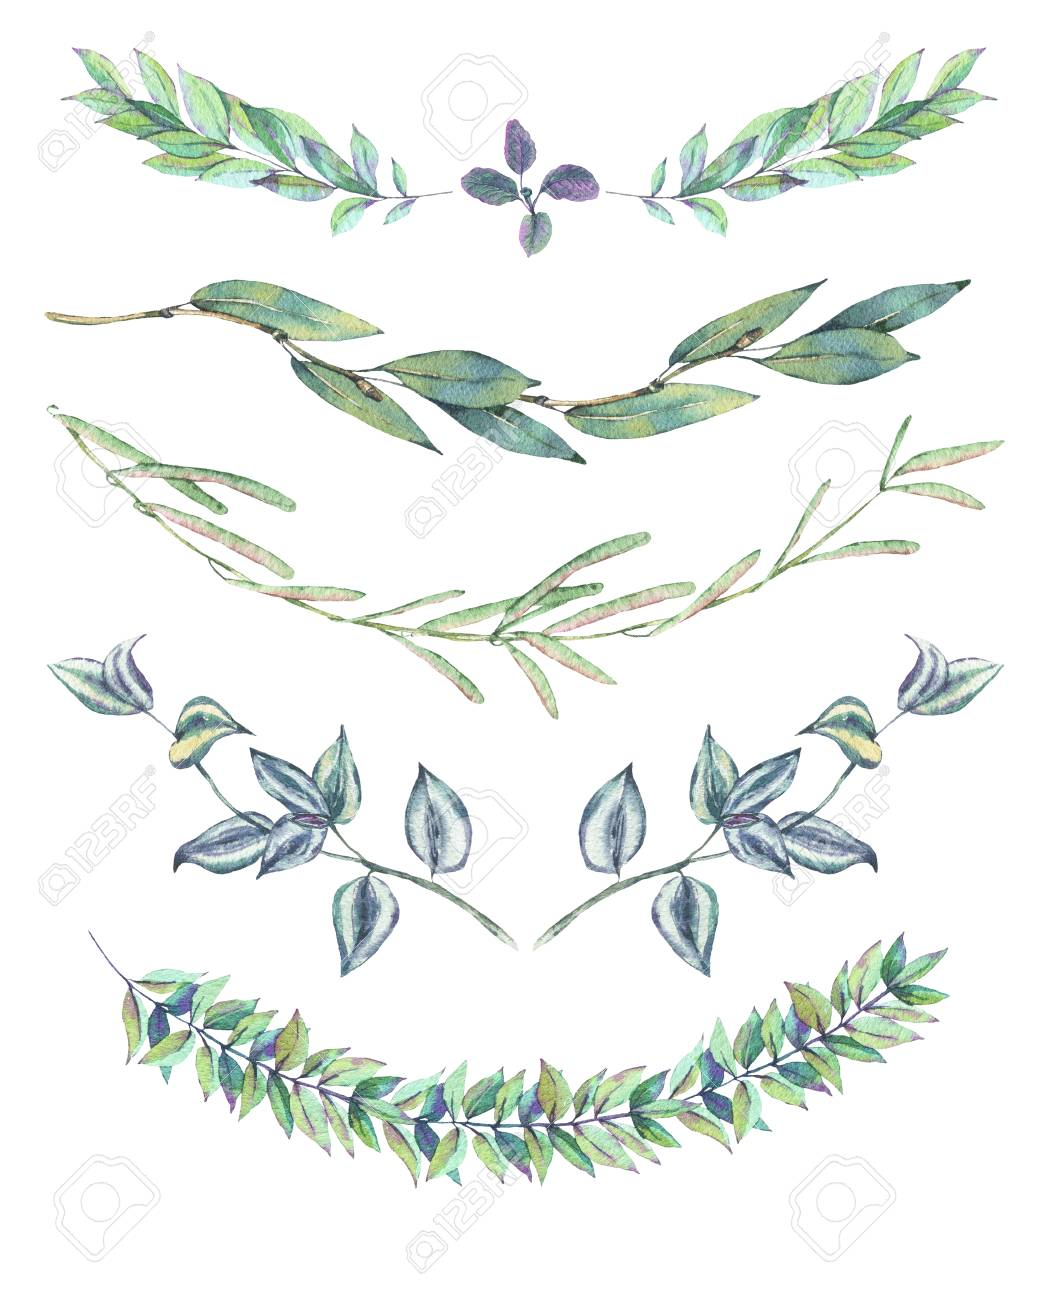 セットの葉の花輪水彩ビンテージ ナチュラル リースや白い背景に分離